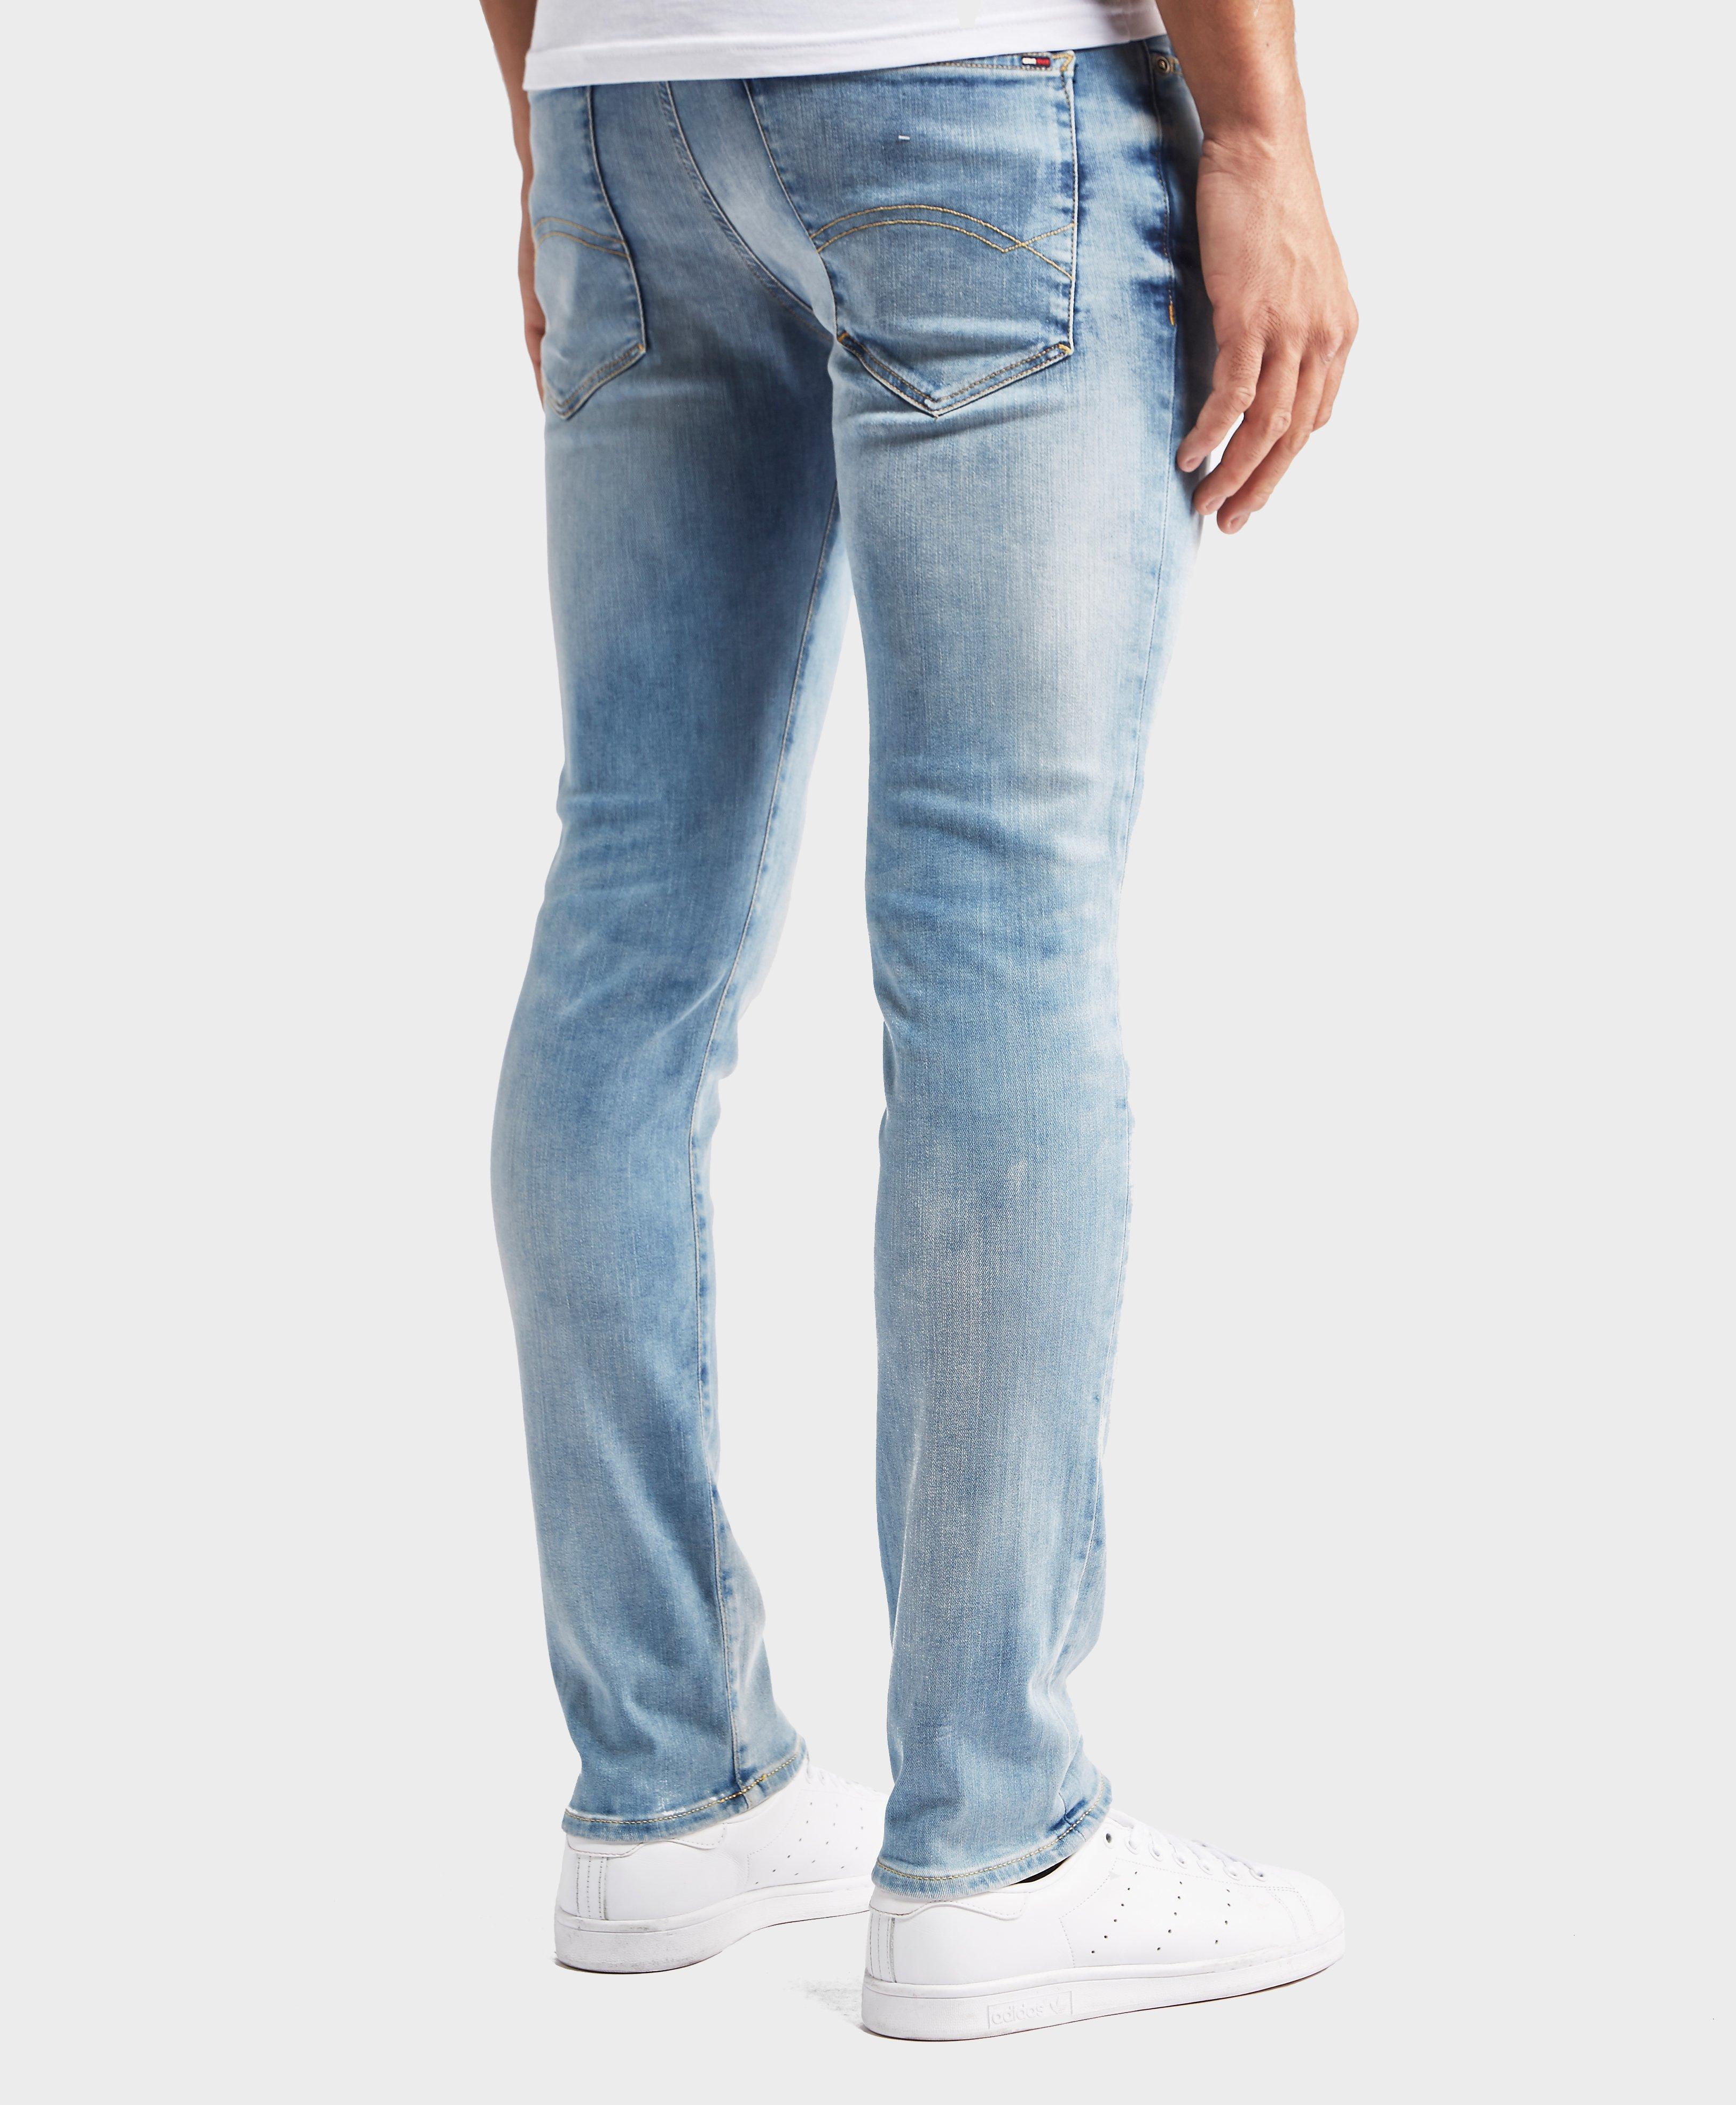 tommy hilfiger denim jeans mens